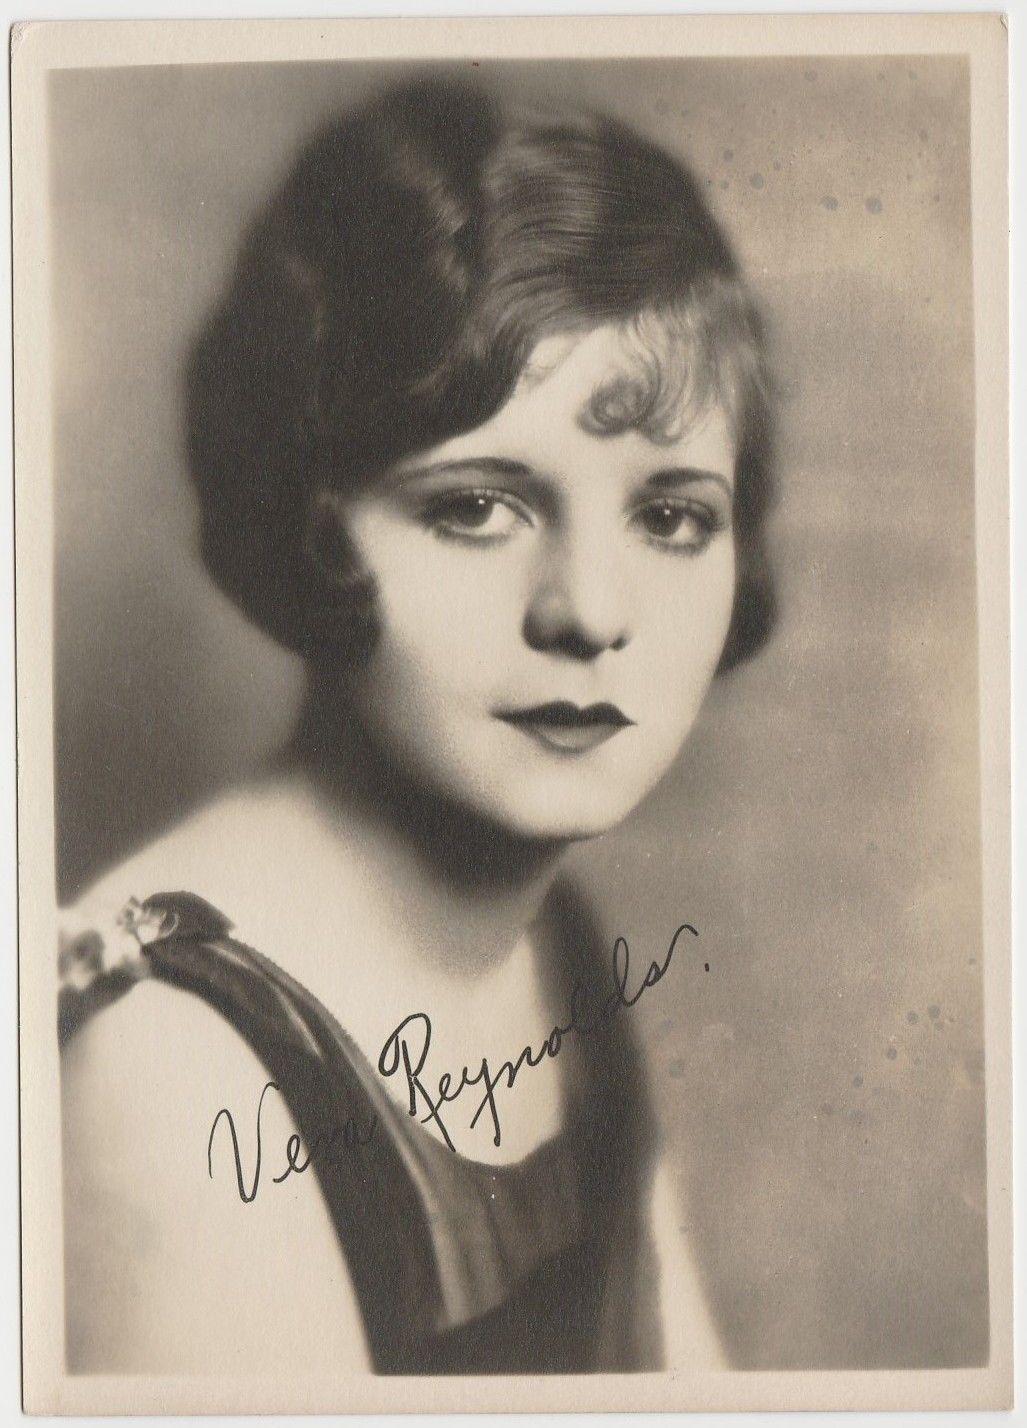 Vera Reynolds